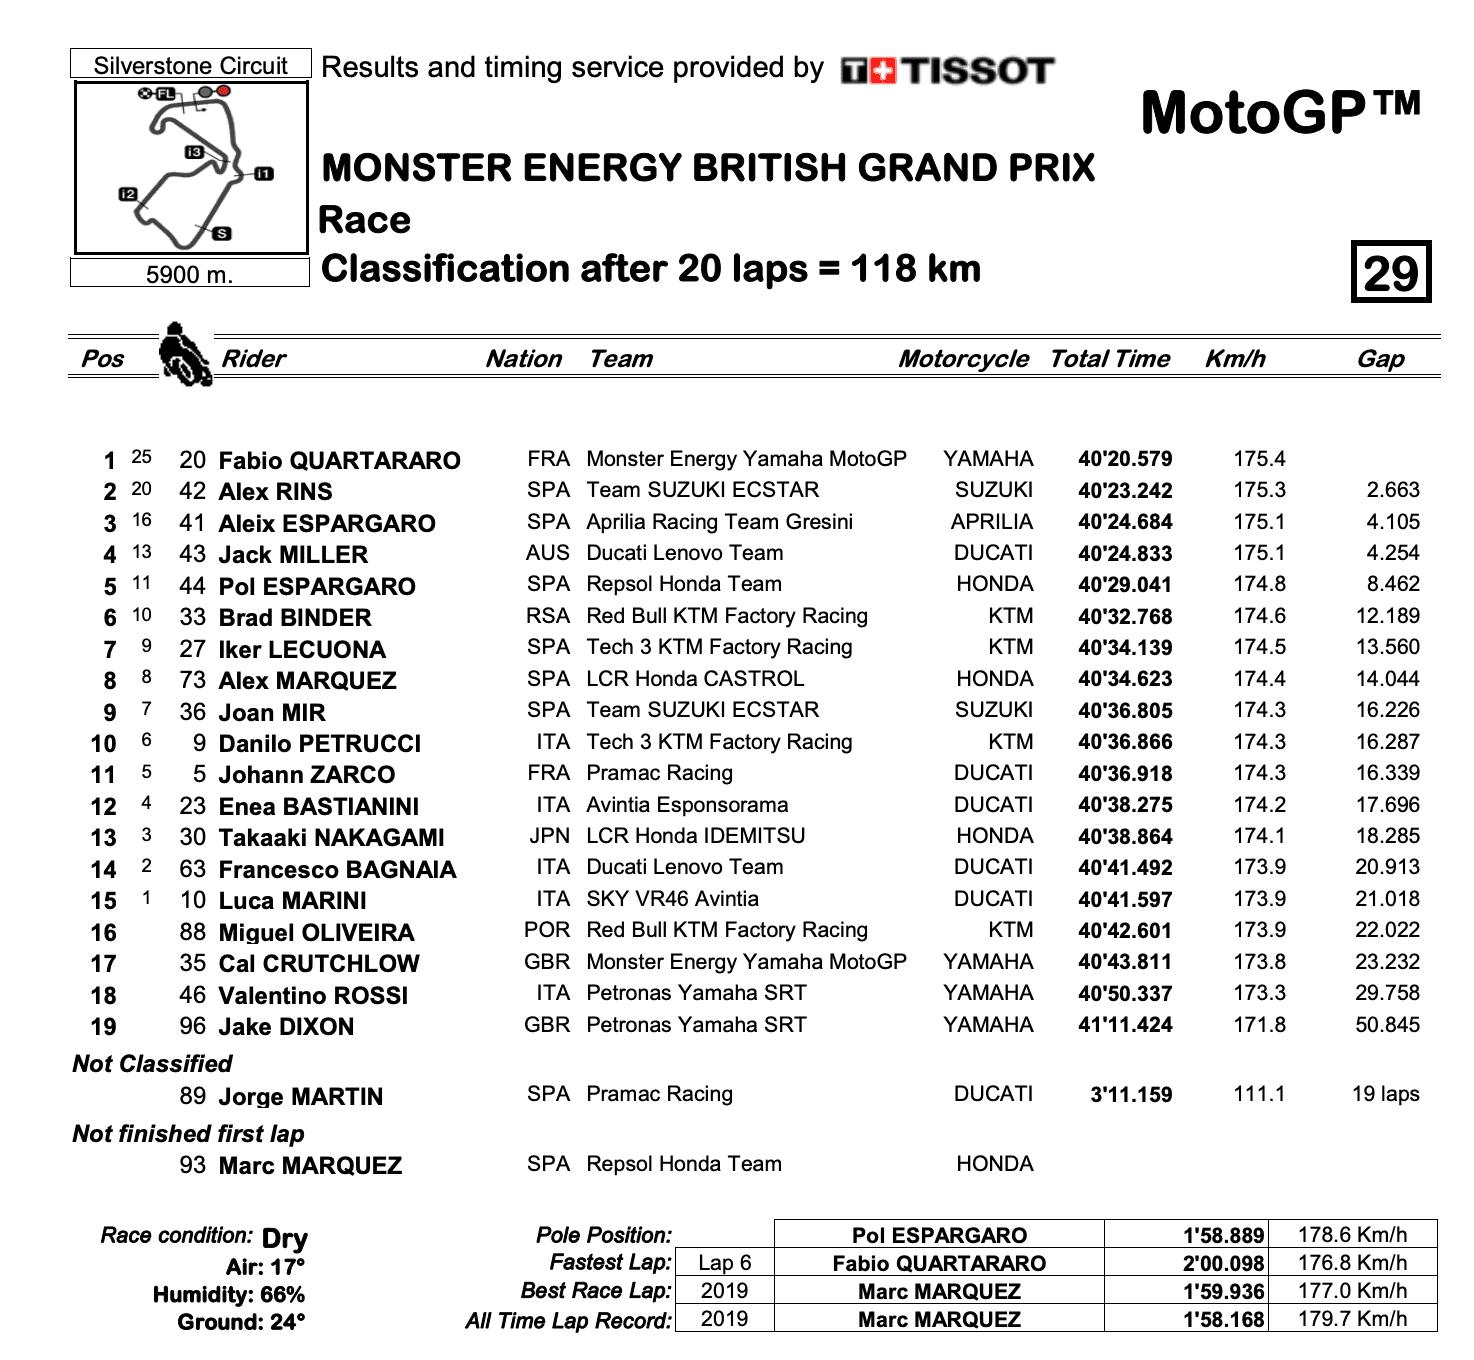 MotoGP2021イギリスGP 優勝はファビオ・クアルタラロ、アレイシ・エスパルガロがアプリリア初の表彰台を獲得